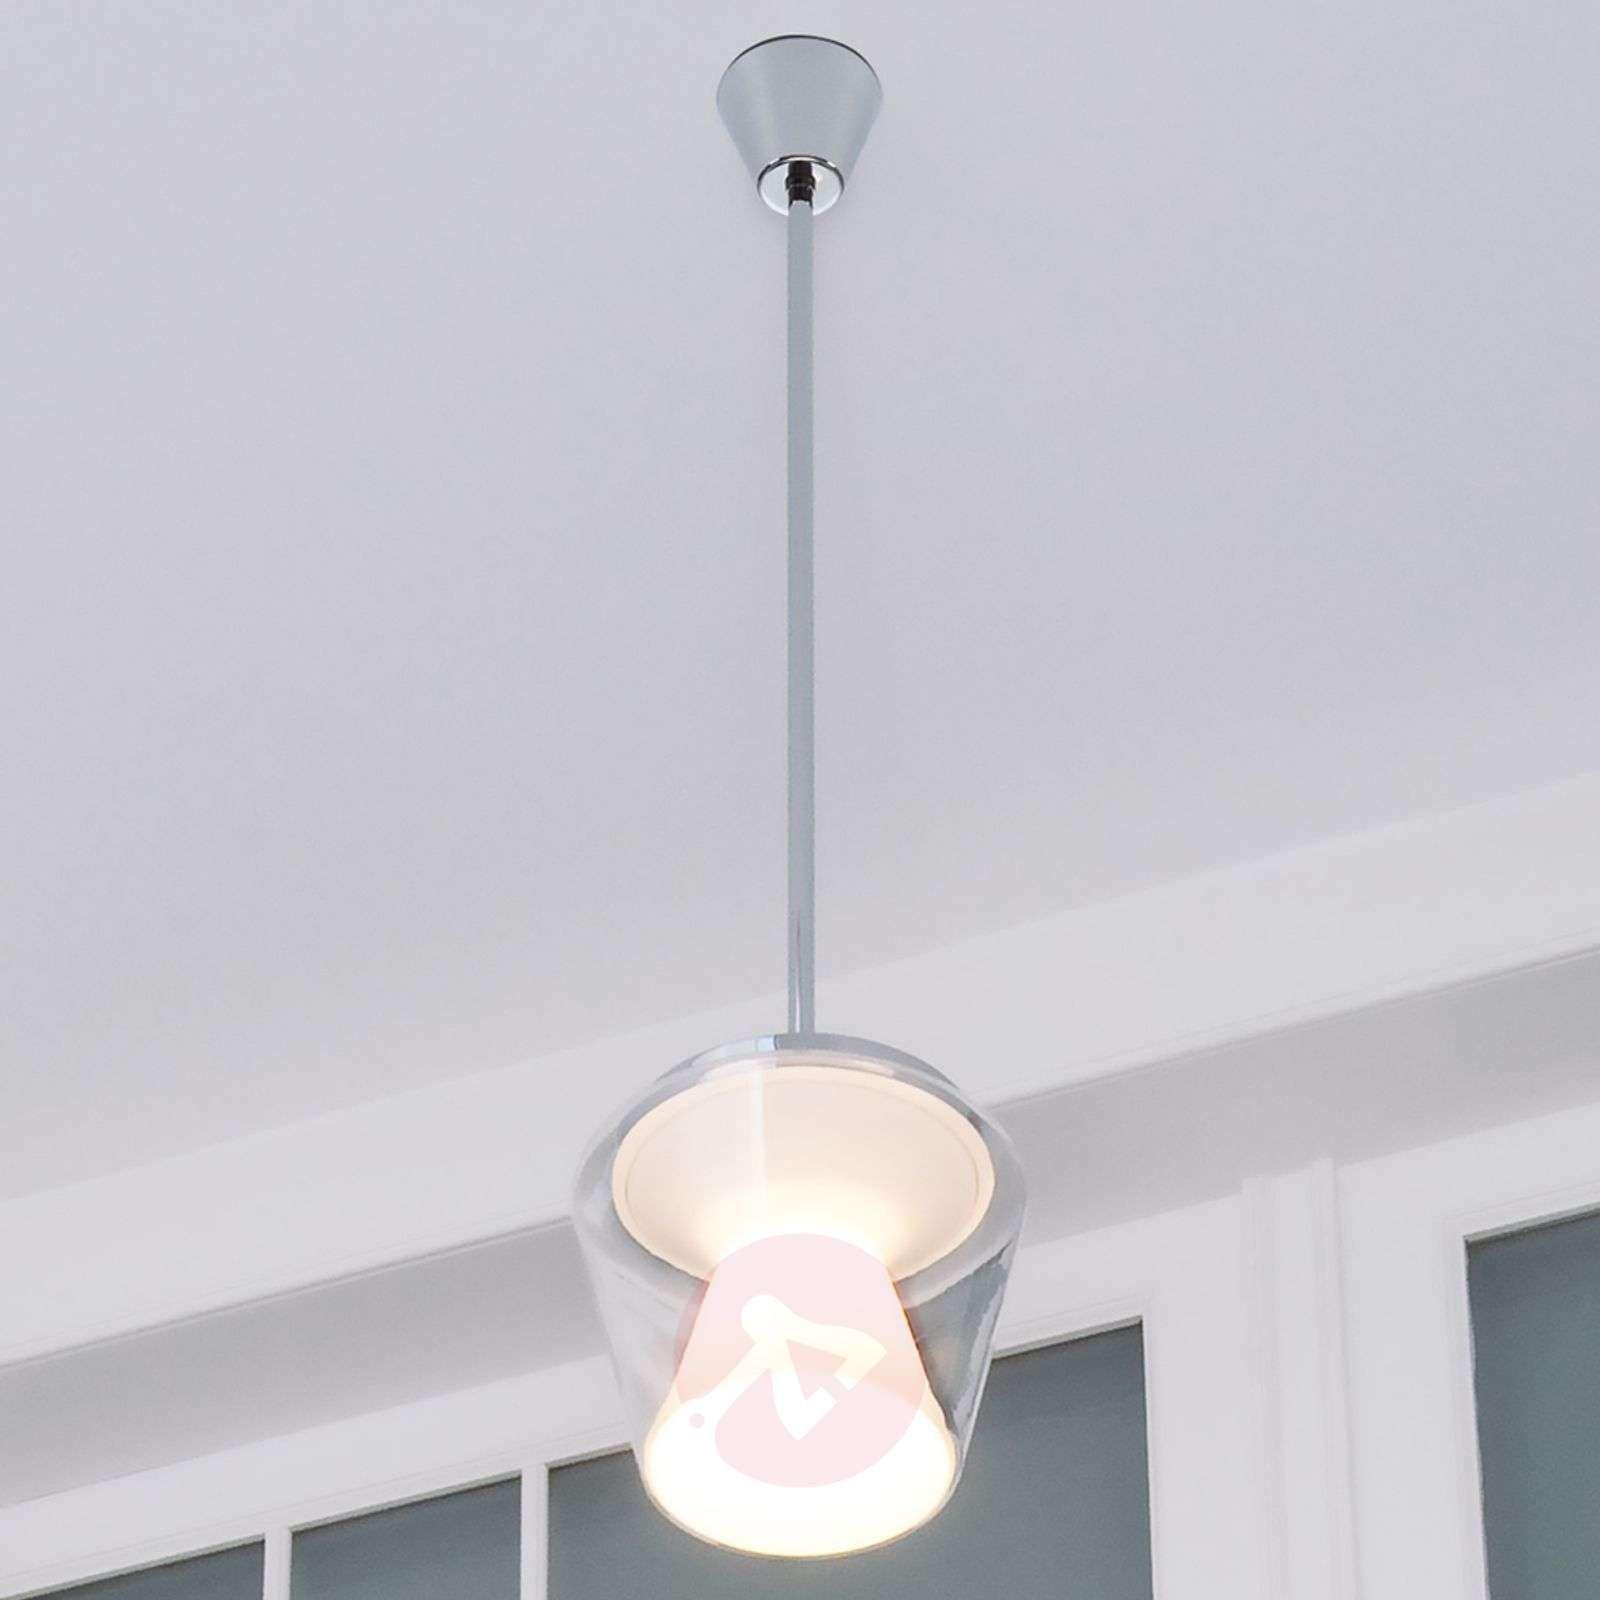 Lampa Wisząca Led Annex Z Kloszem Szklanym Lampy Wiszące W